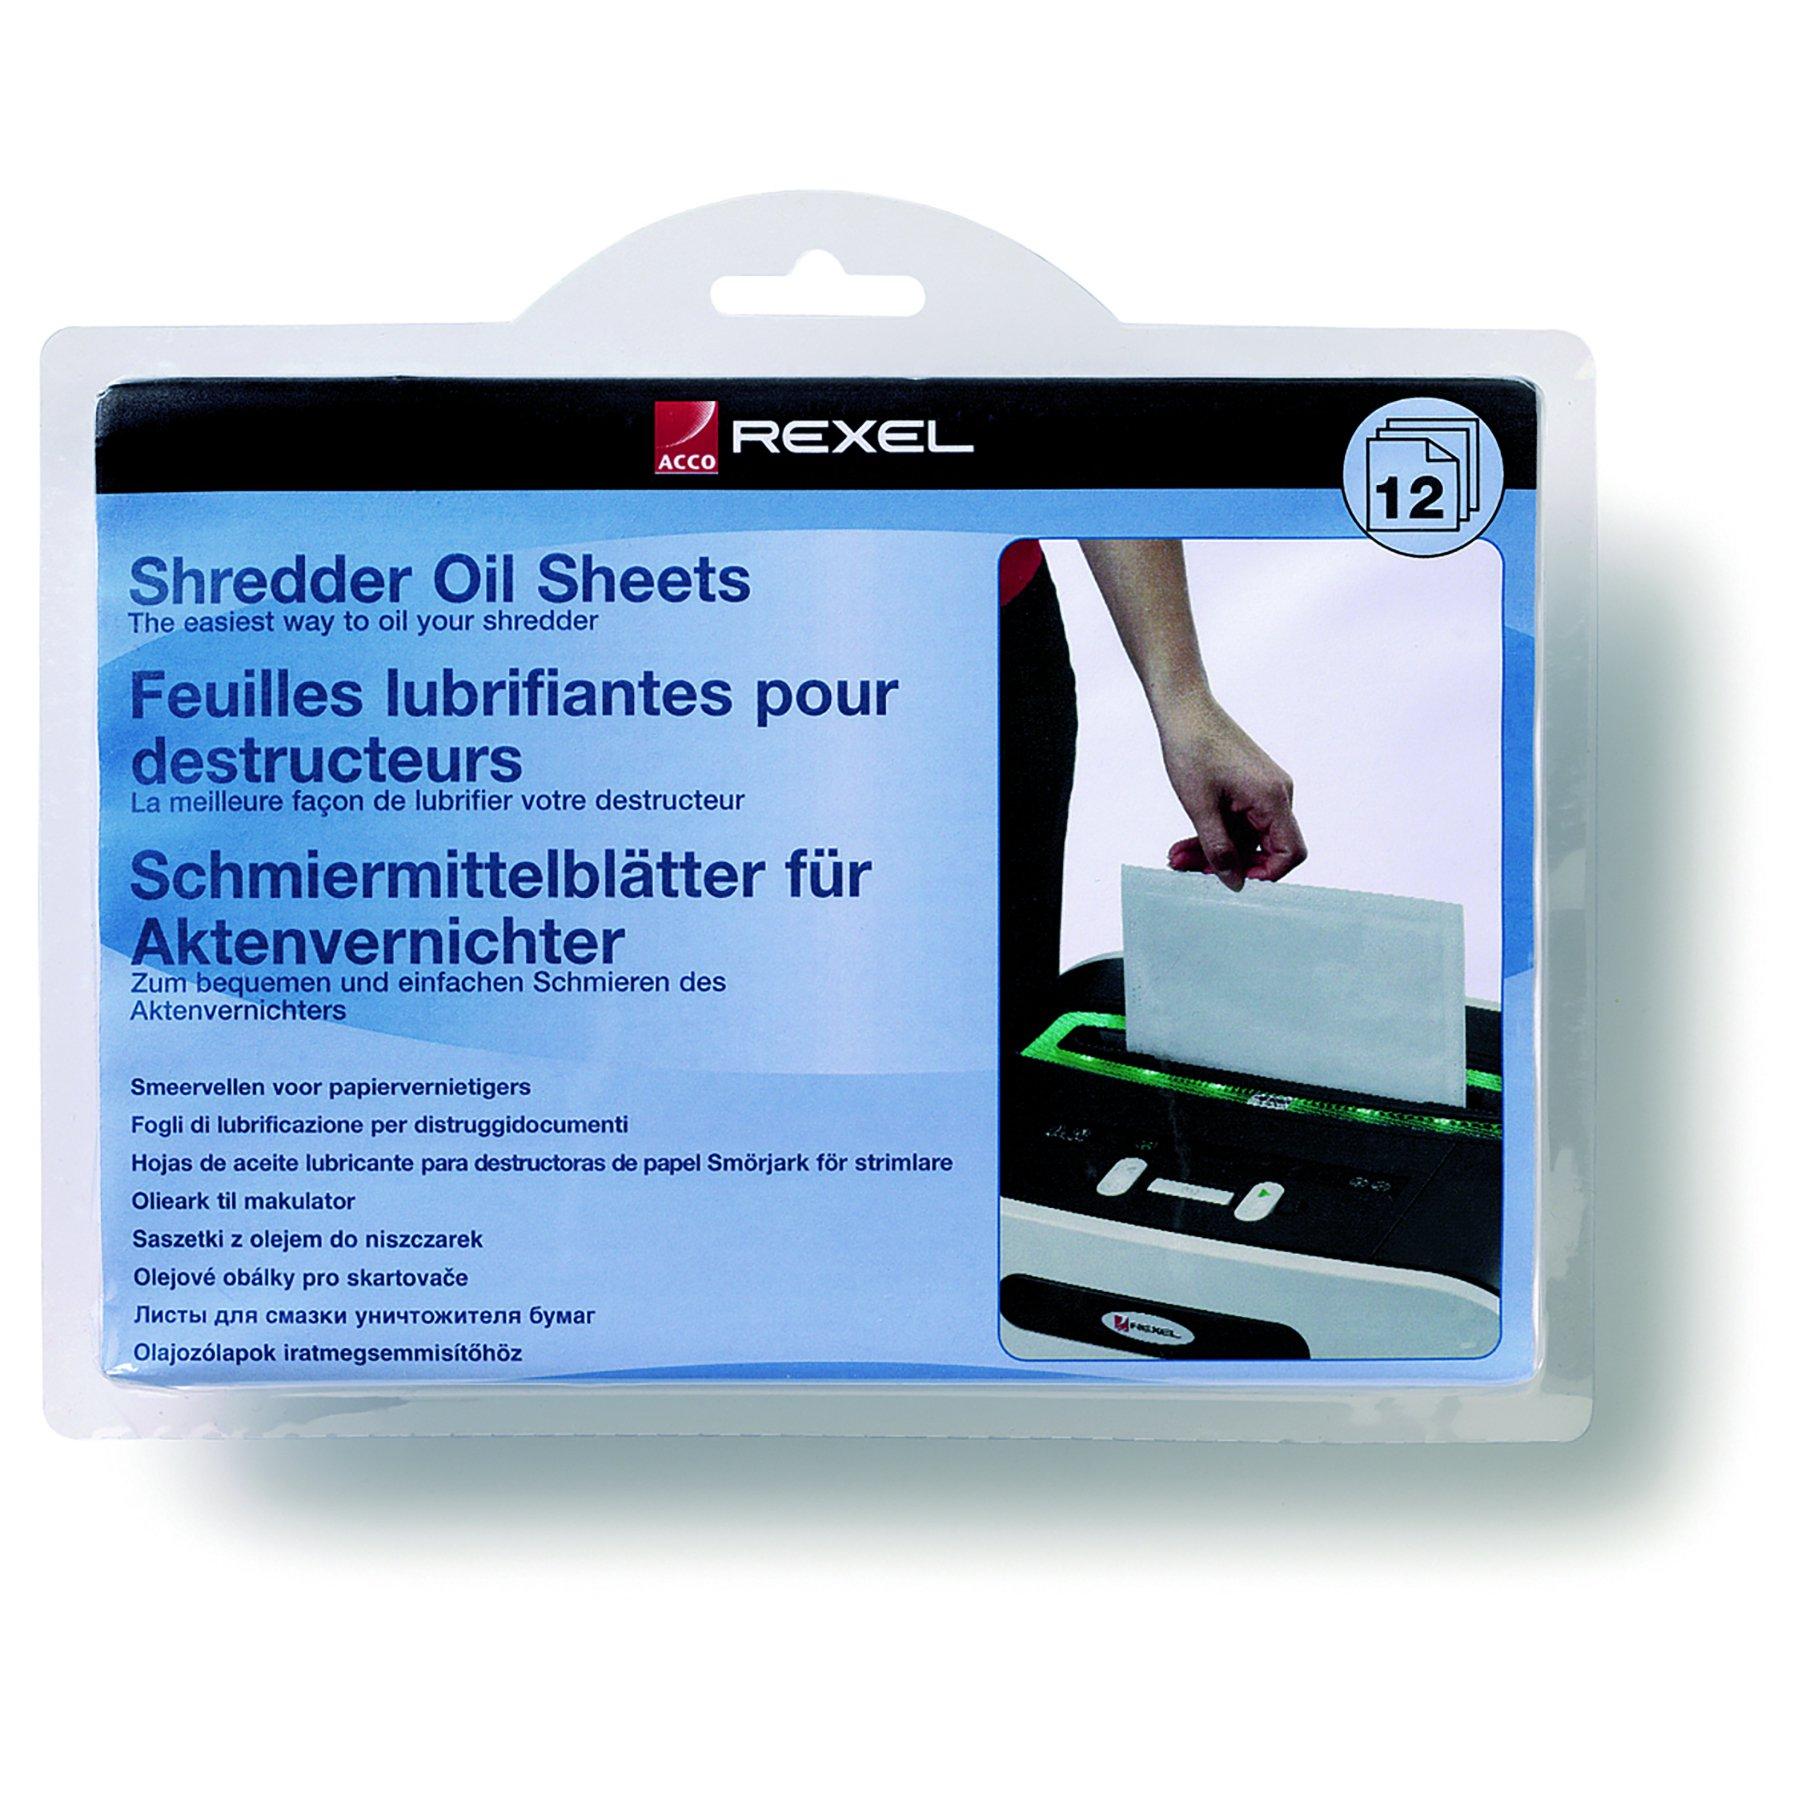 Rexel Shredder Oil Sheets (12) 2101948